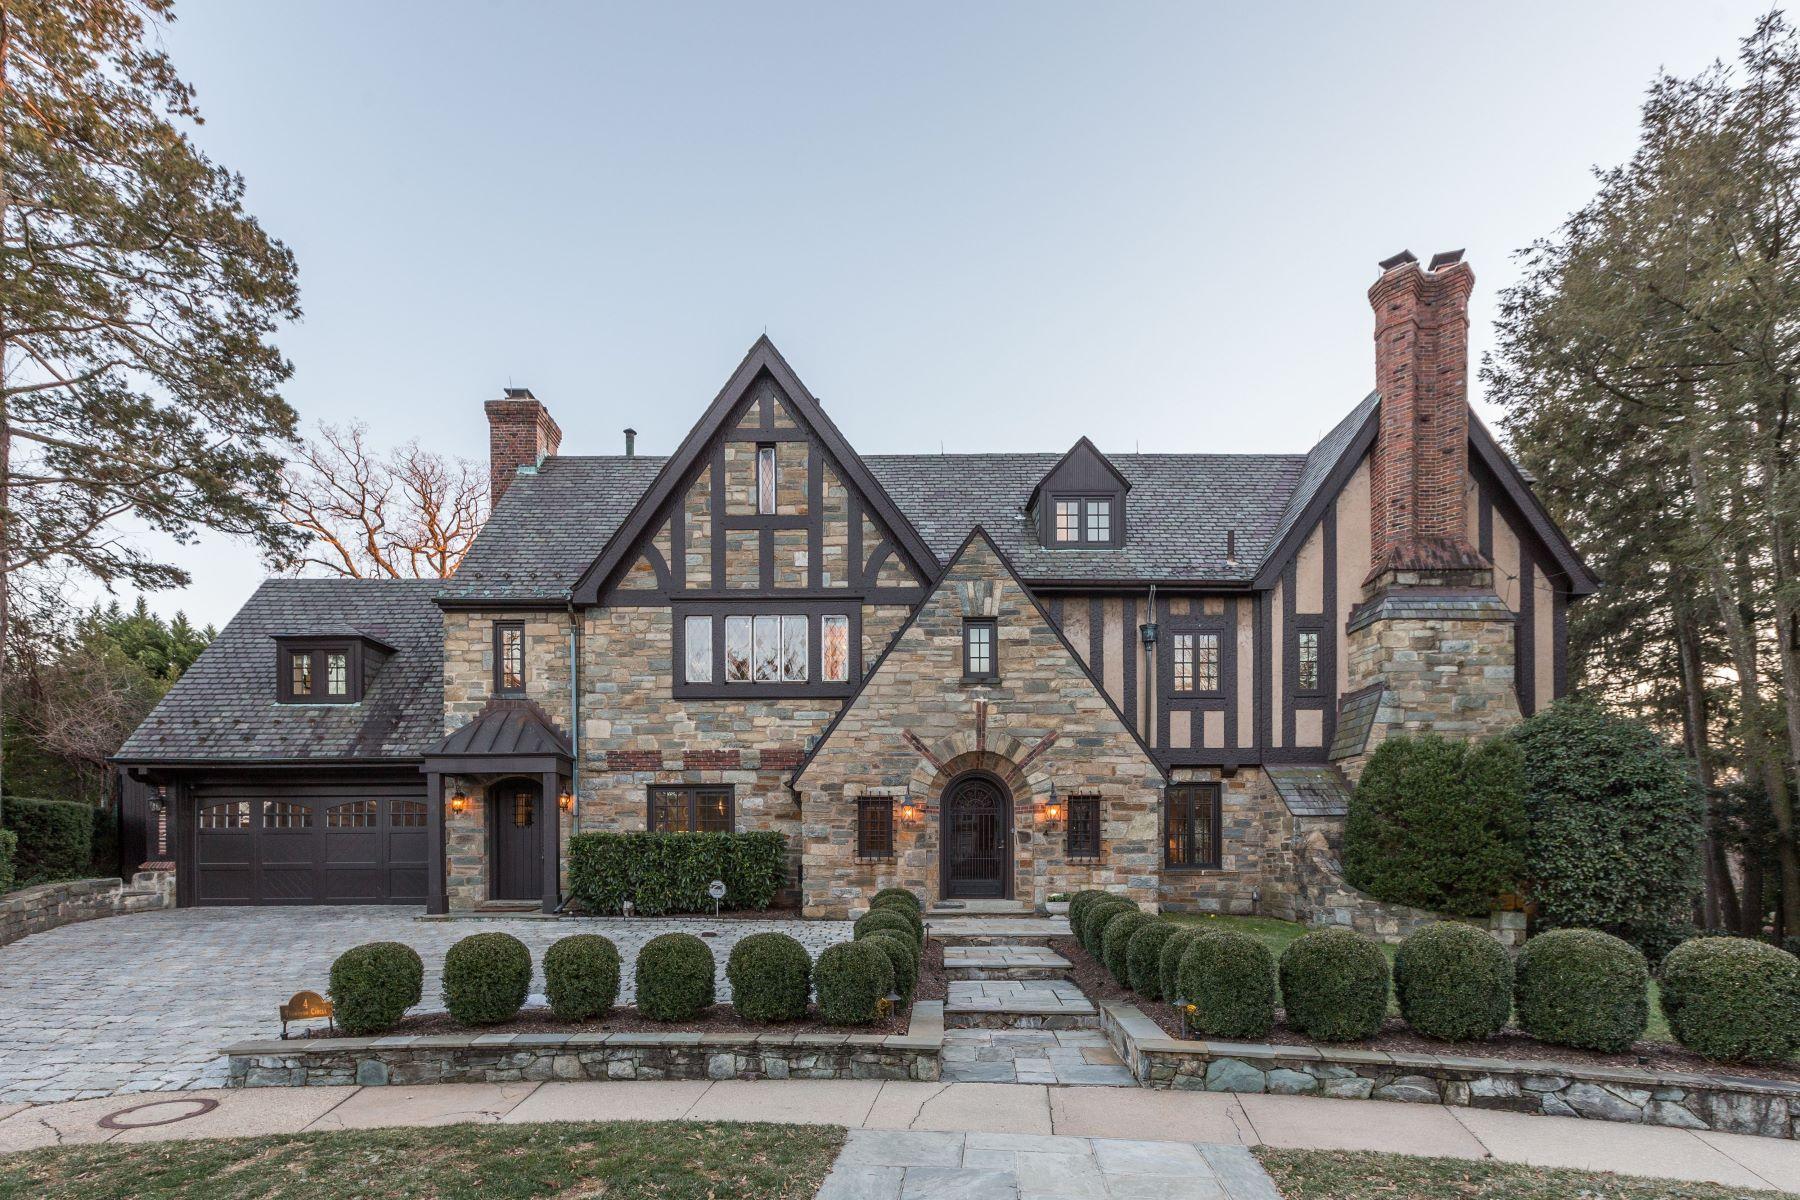 Property のために 売買 アット 4 Thompson Cir NW Washington, コロンビア特別区 20008 アメリカ